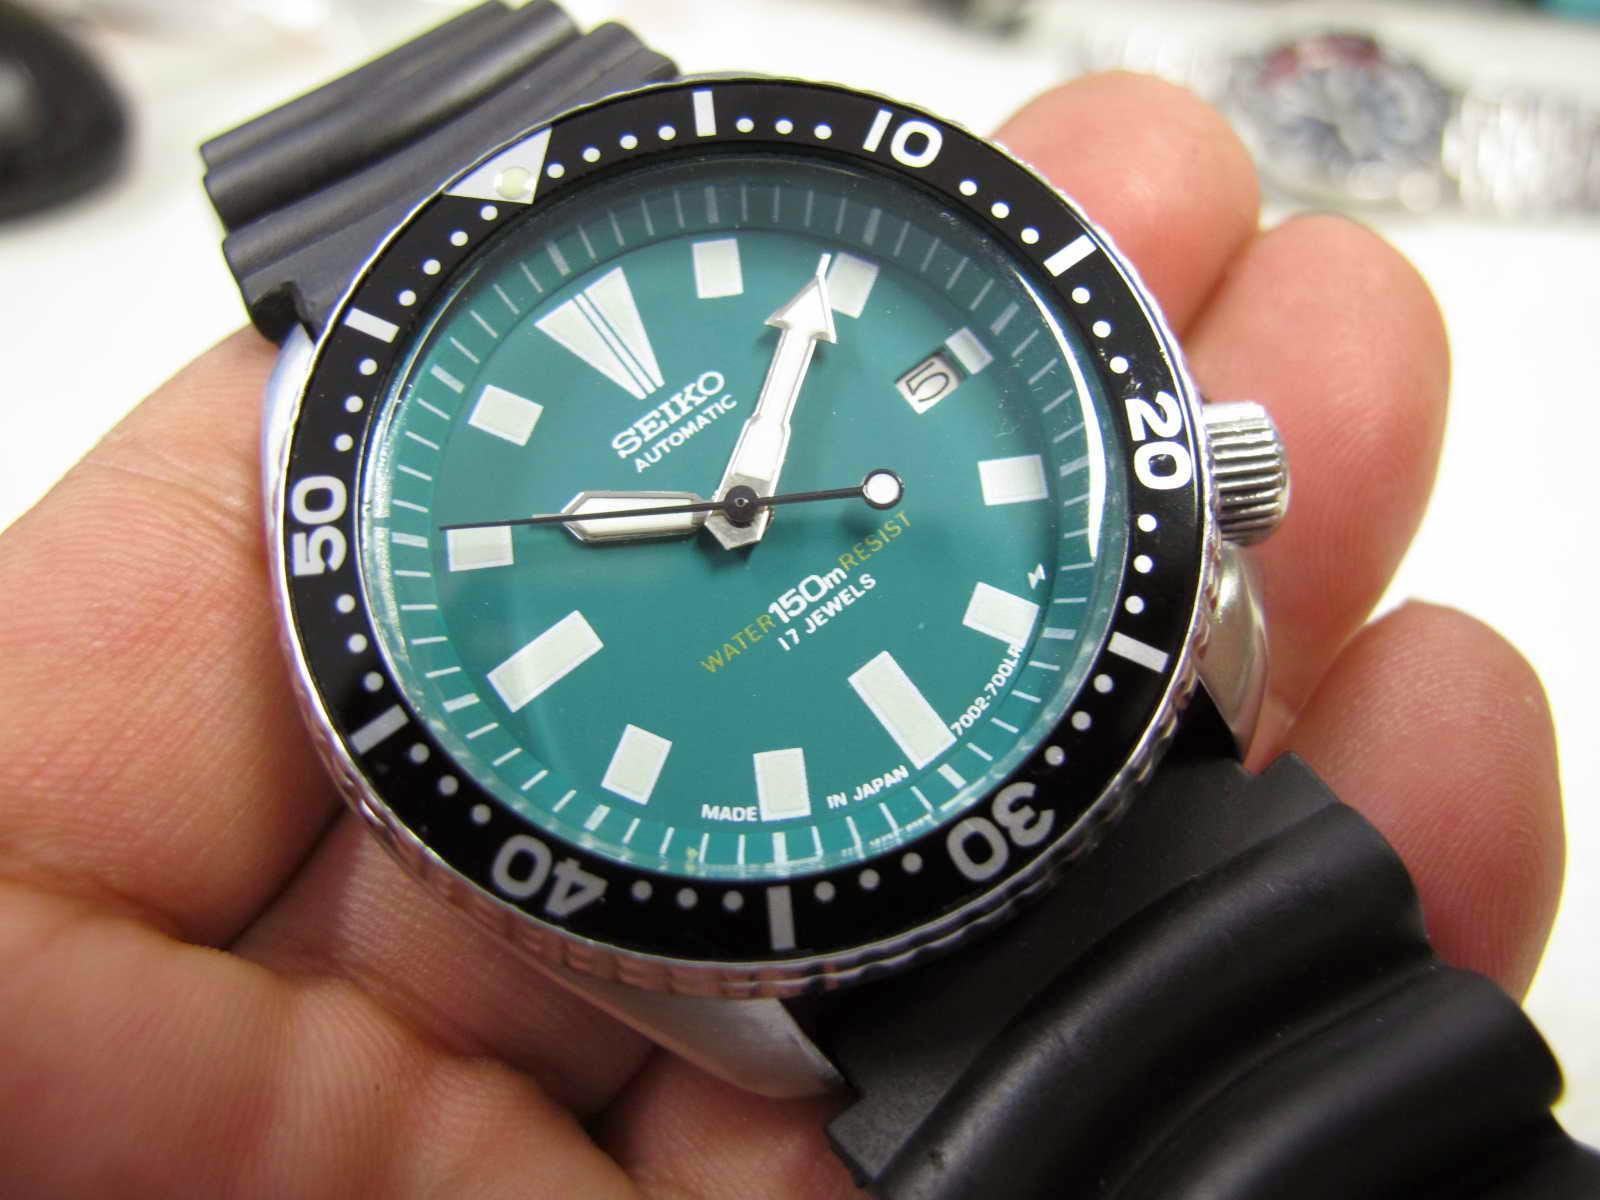 Tebal case 13 mm dan lebar lug 22 mm Kondisi jalan bagus tepat waktu Cocok untuk Anda yang sedang mencari jam tangan model Diver simple and